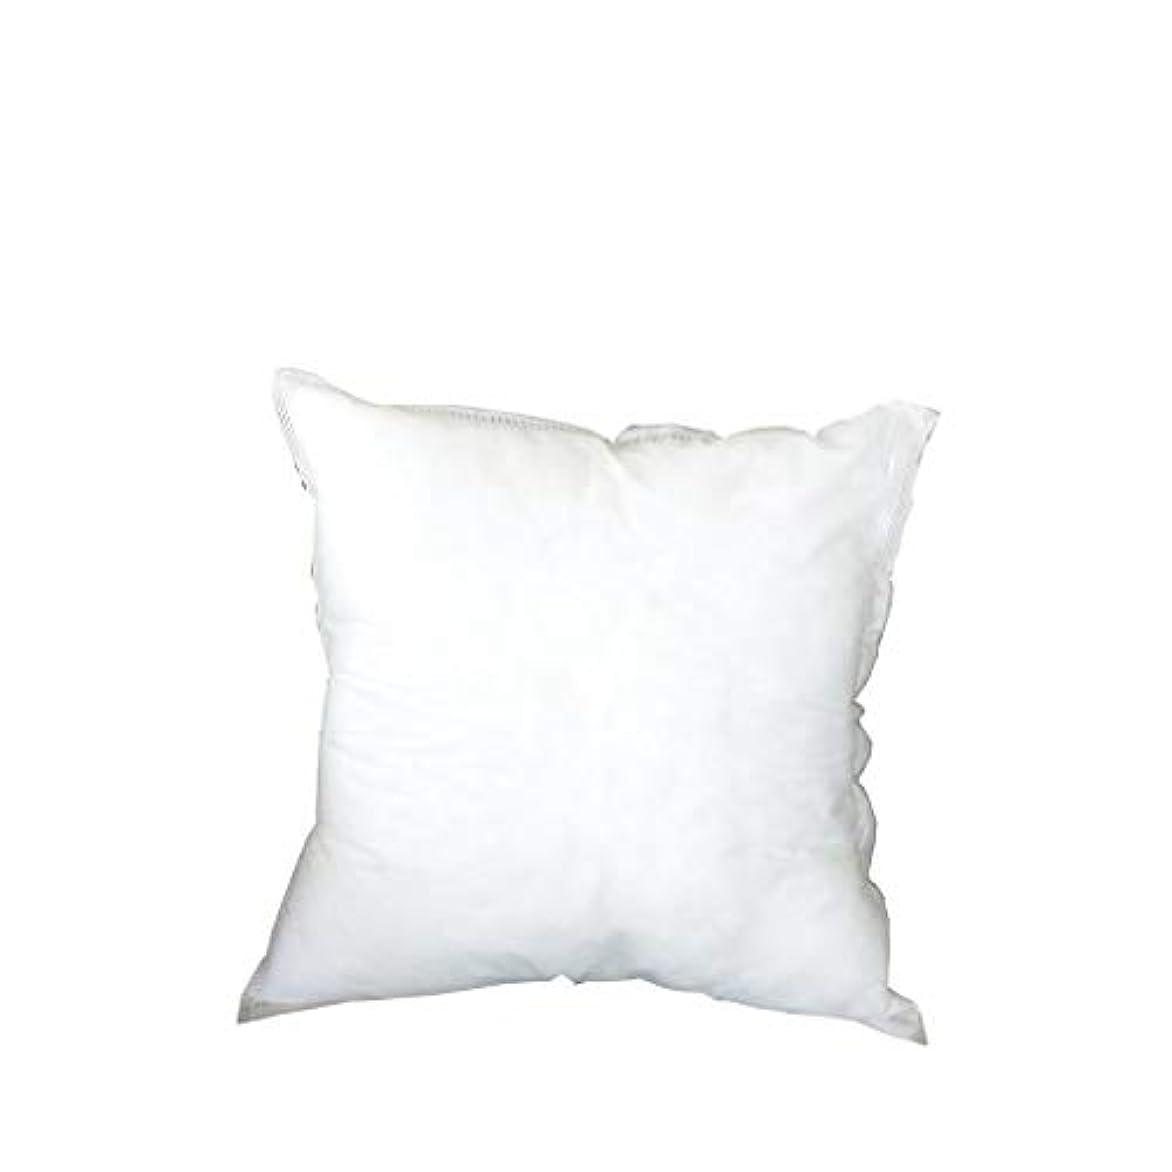 マイコン約設定放棄するLIFE 寝具正方形 PP 綿枕インテリア家の装飾白 45 × 45 車のソファチェアクッション coussin decoratif 新 クッション 椅子